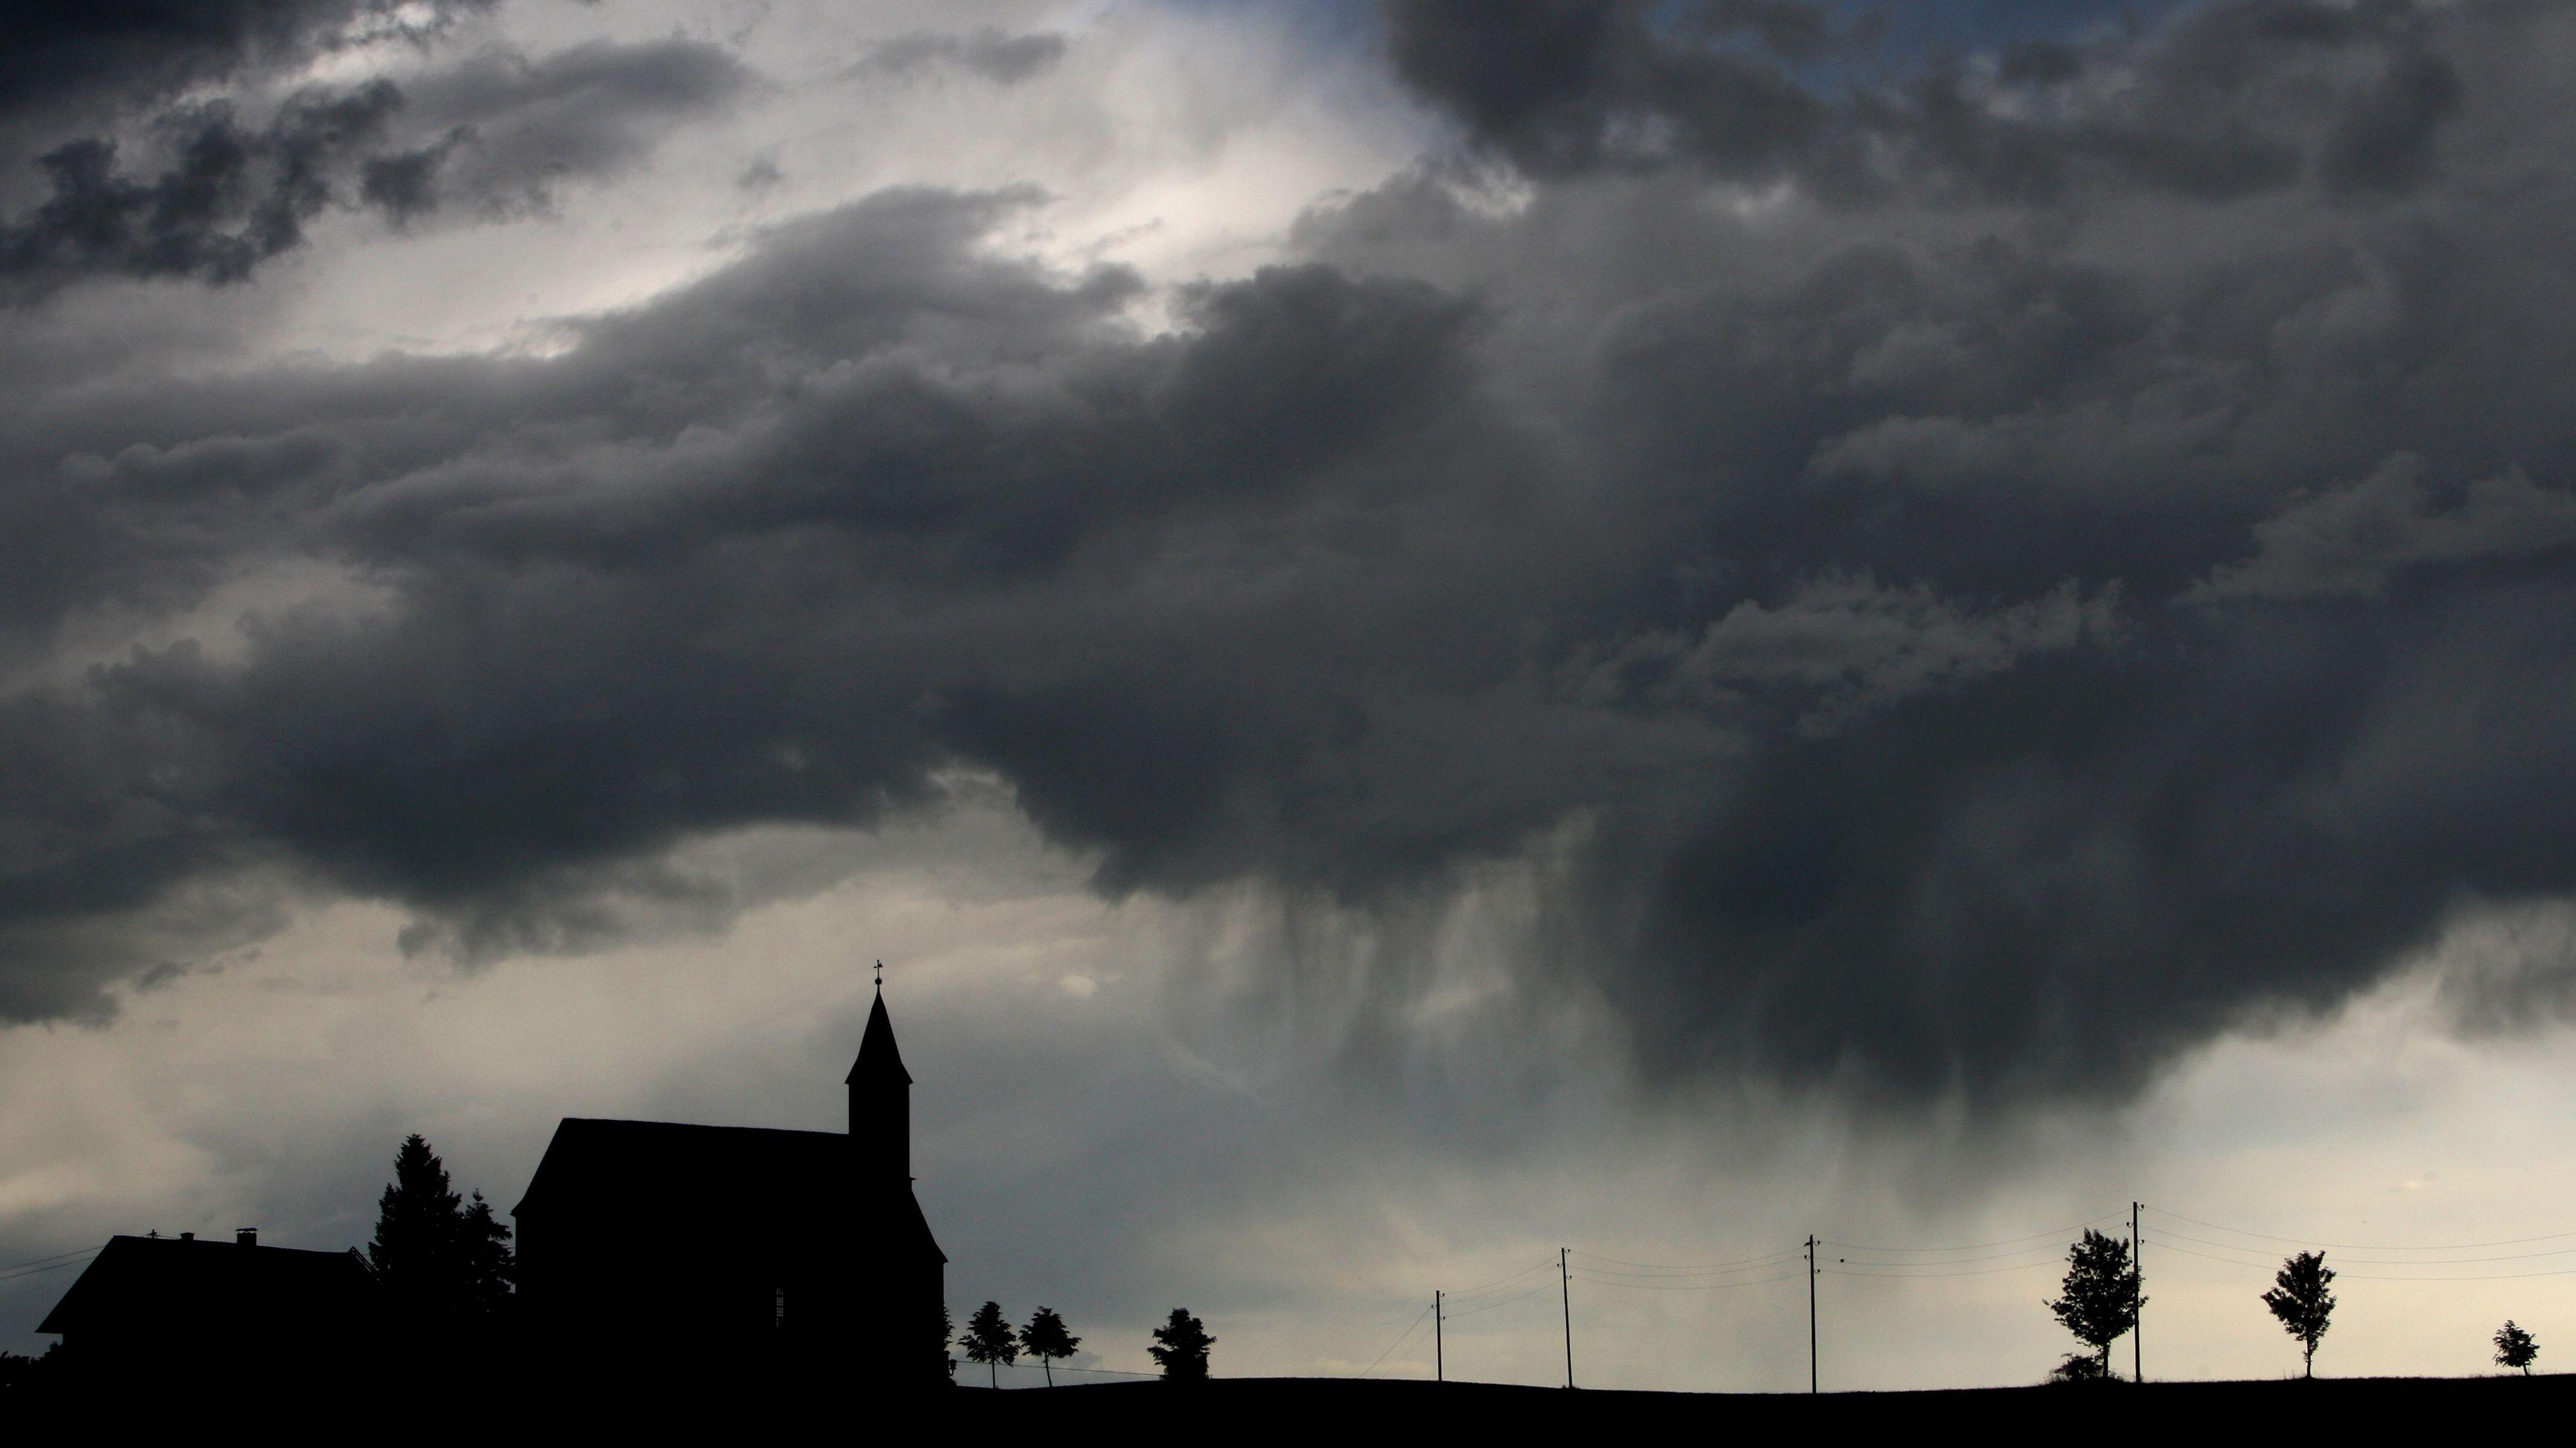 Gewitterwolken regnen sich am Sonntag (05.06.2011) über der Kapelle Sankt Alban bei Görwangs (Schwaben) ab.  (Archivbild)